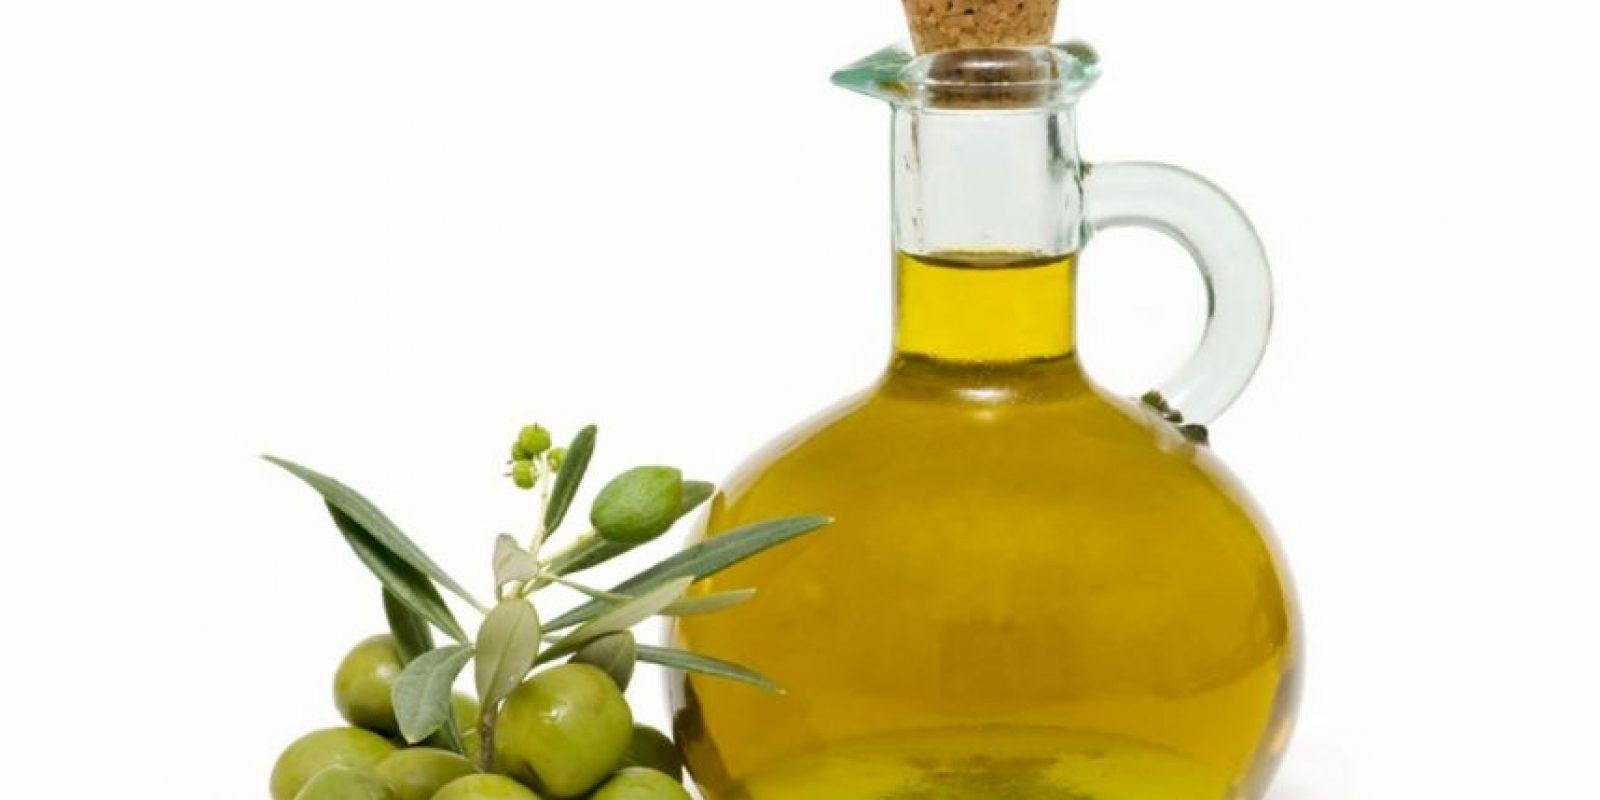 Si se utiliza para cocinar alimentos este se convierte en grasas trans las cuales tienen efectos cancerígenos. Foto:Pixabay